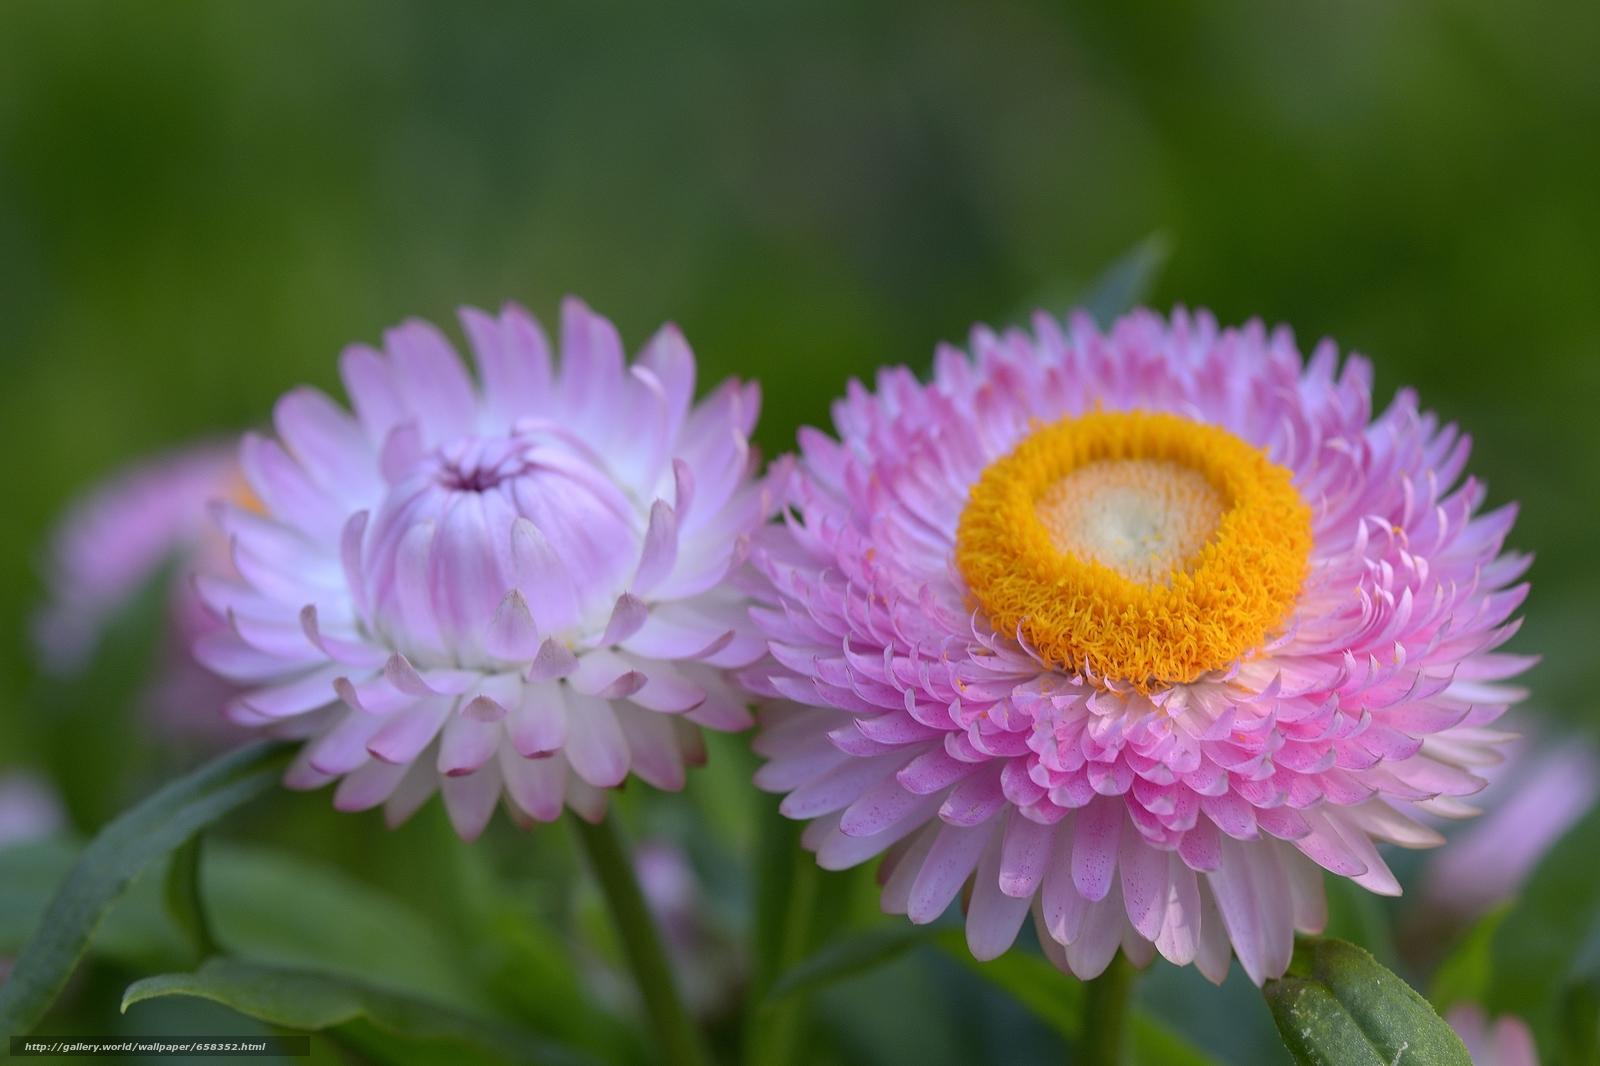 Скачать обои цветок,  цветы,  флора бесплатно для рабочего стола в разрешении 4683x3121 — картинка №658352